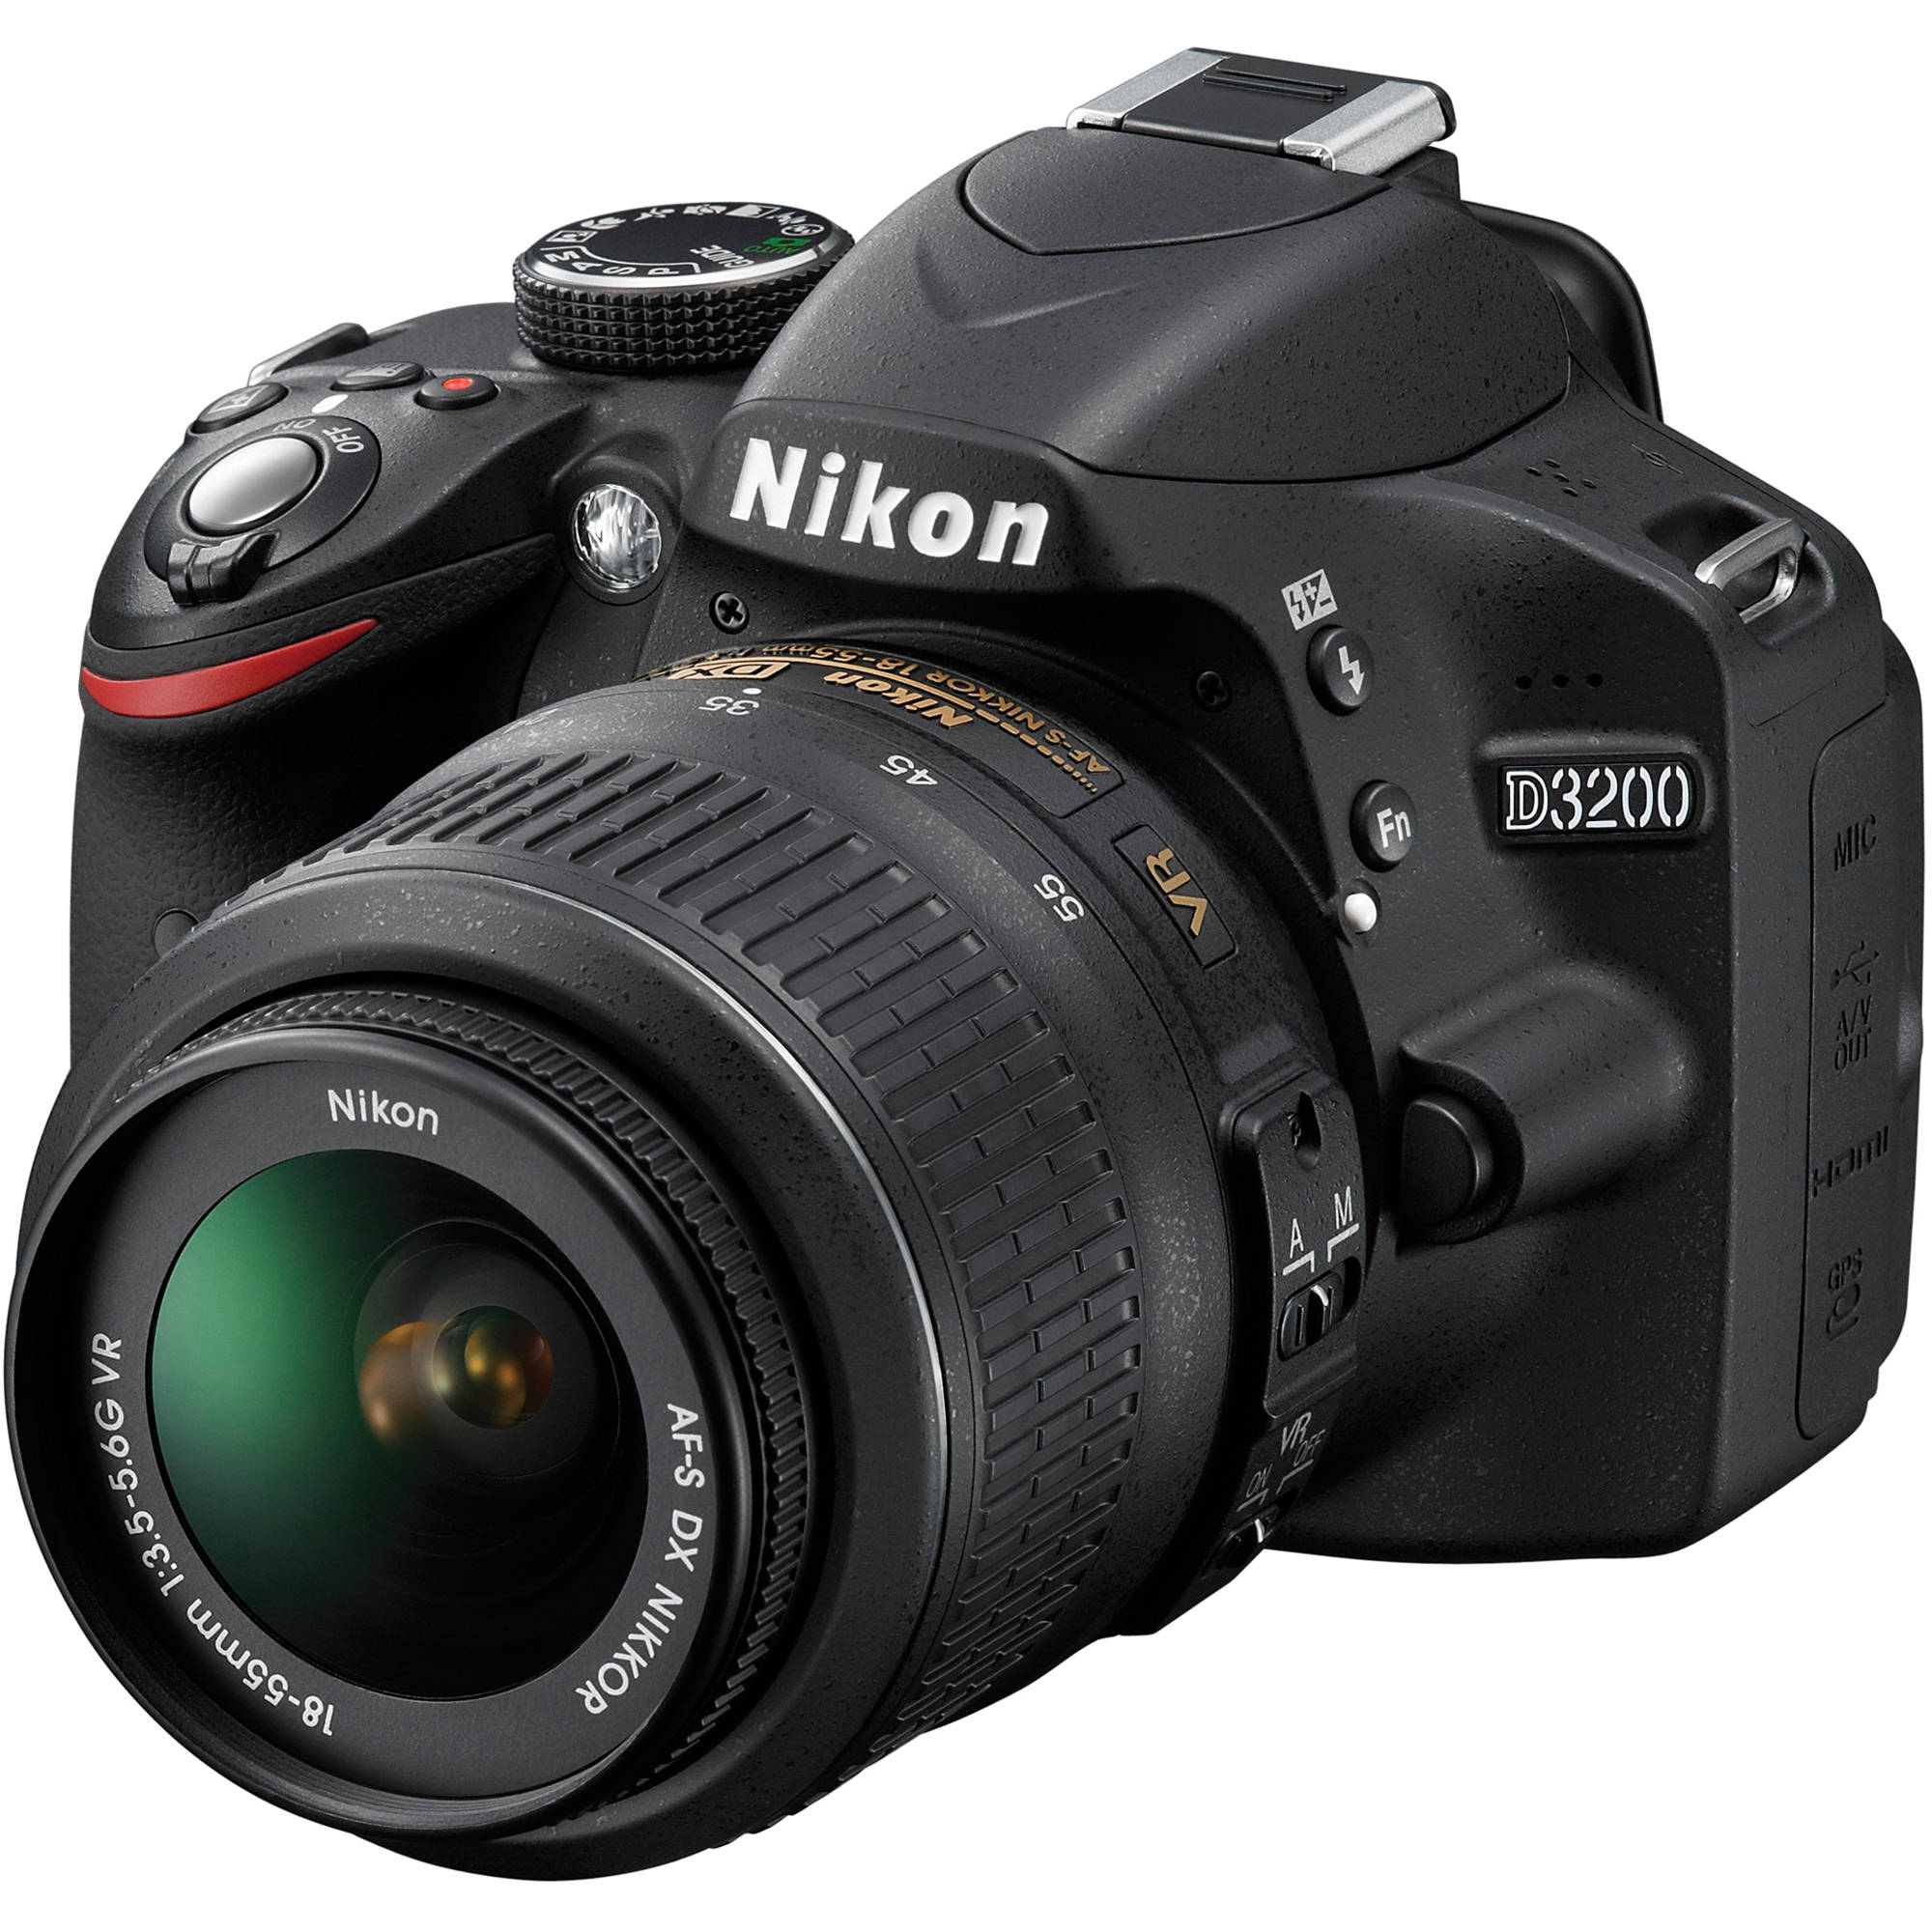 Nikon D3200 DSLR Camera with NIKKOR 18-55mm Lens 25492 ...